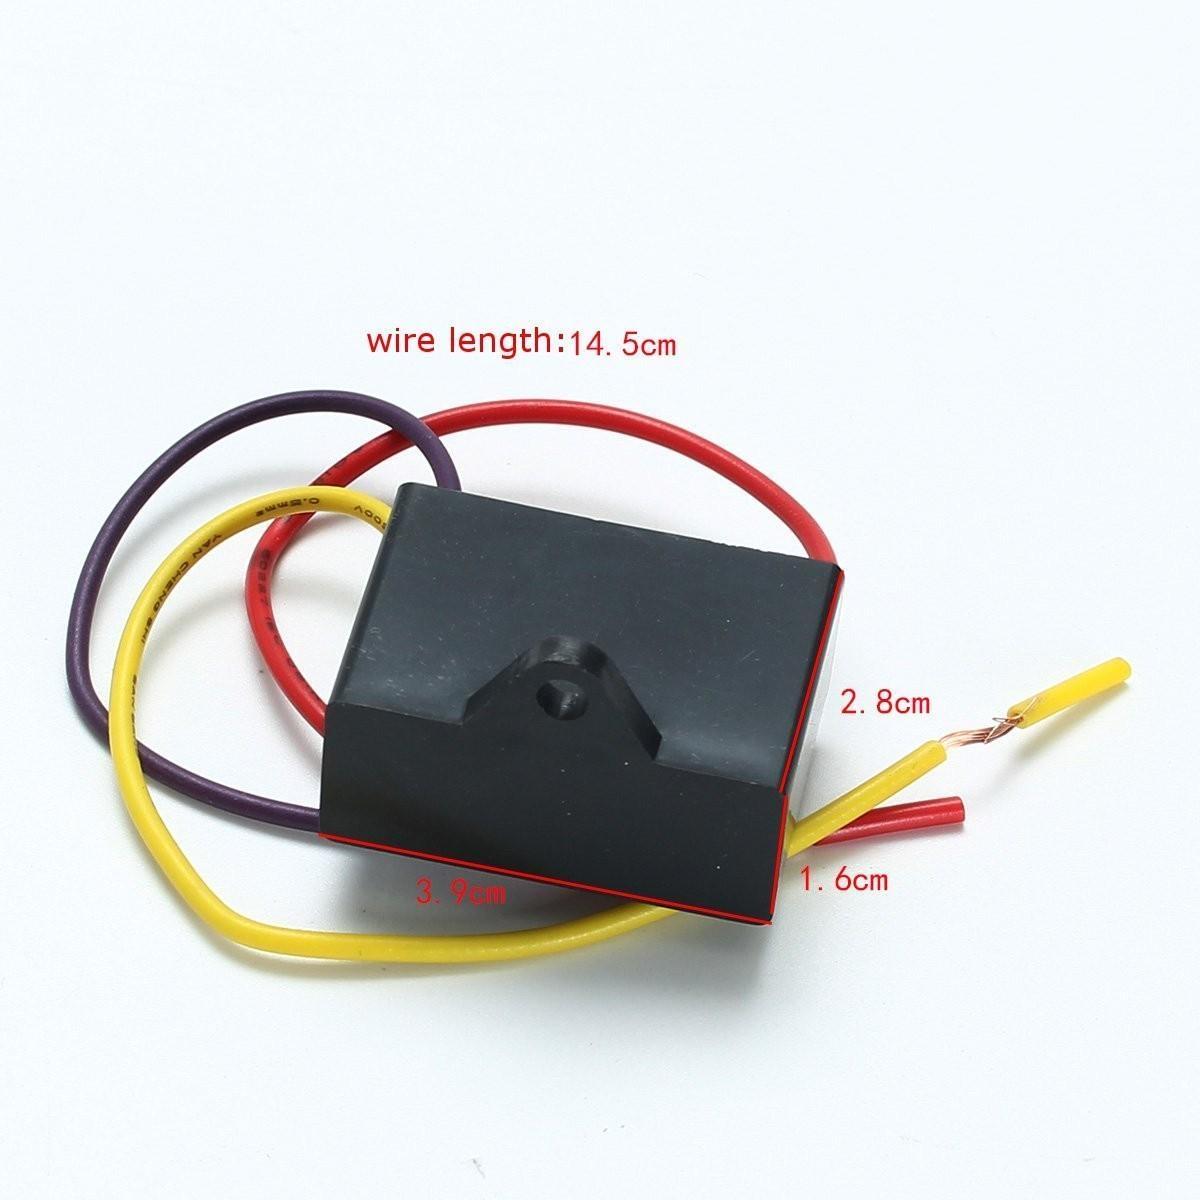 Wiring Capacitors Fans Grain Schematics Diagram Cbb61 Fan Capacitor Buy Generic 1 5uf 2 250vac 50 60hz Ceiling 3